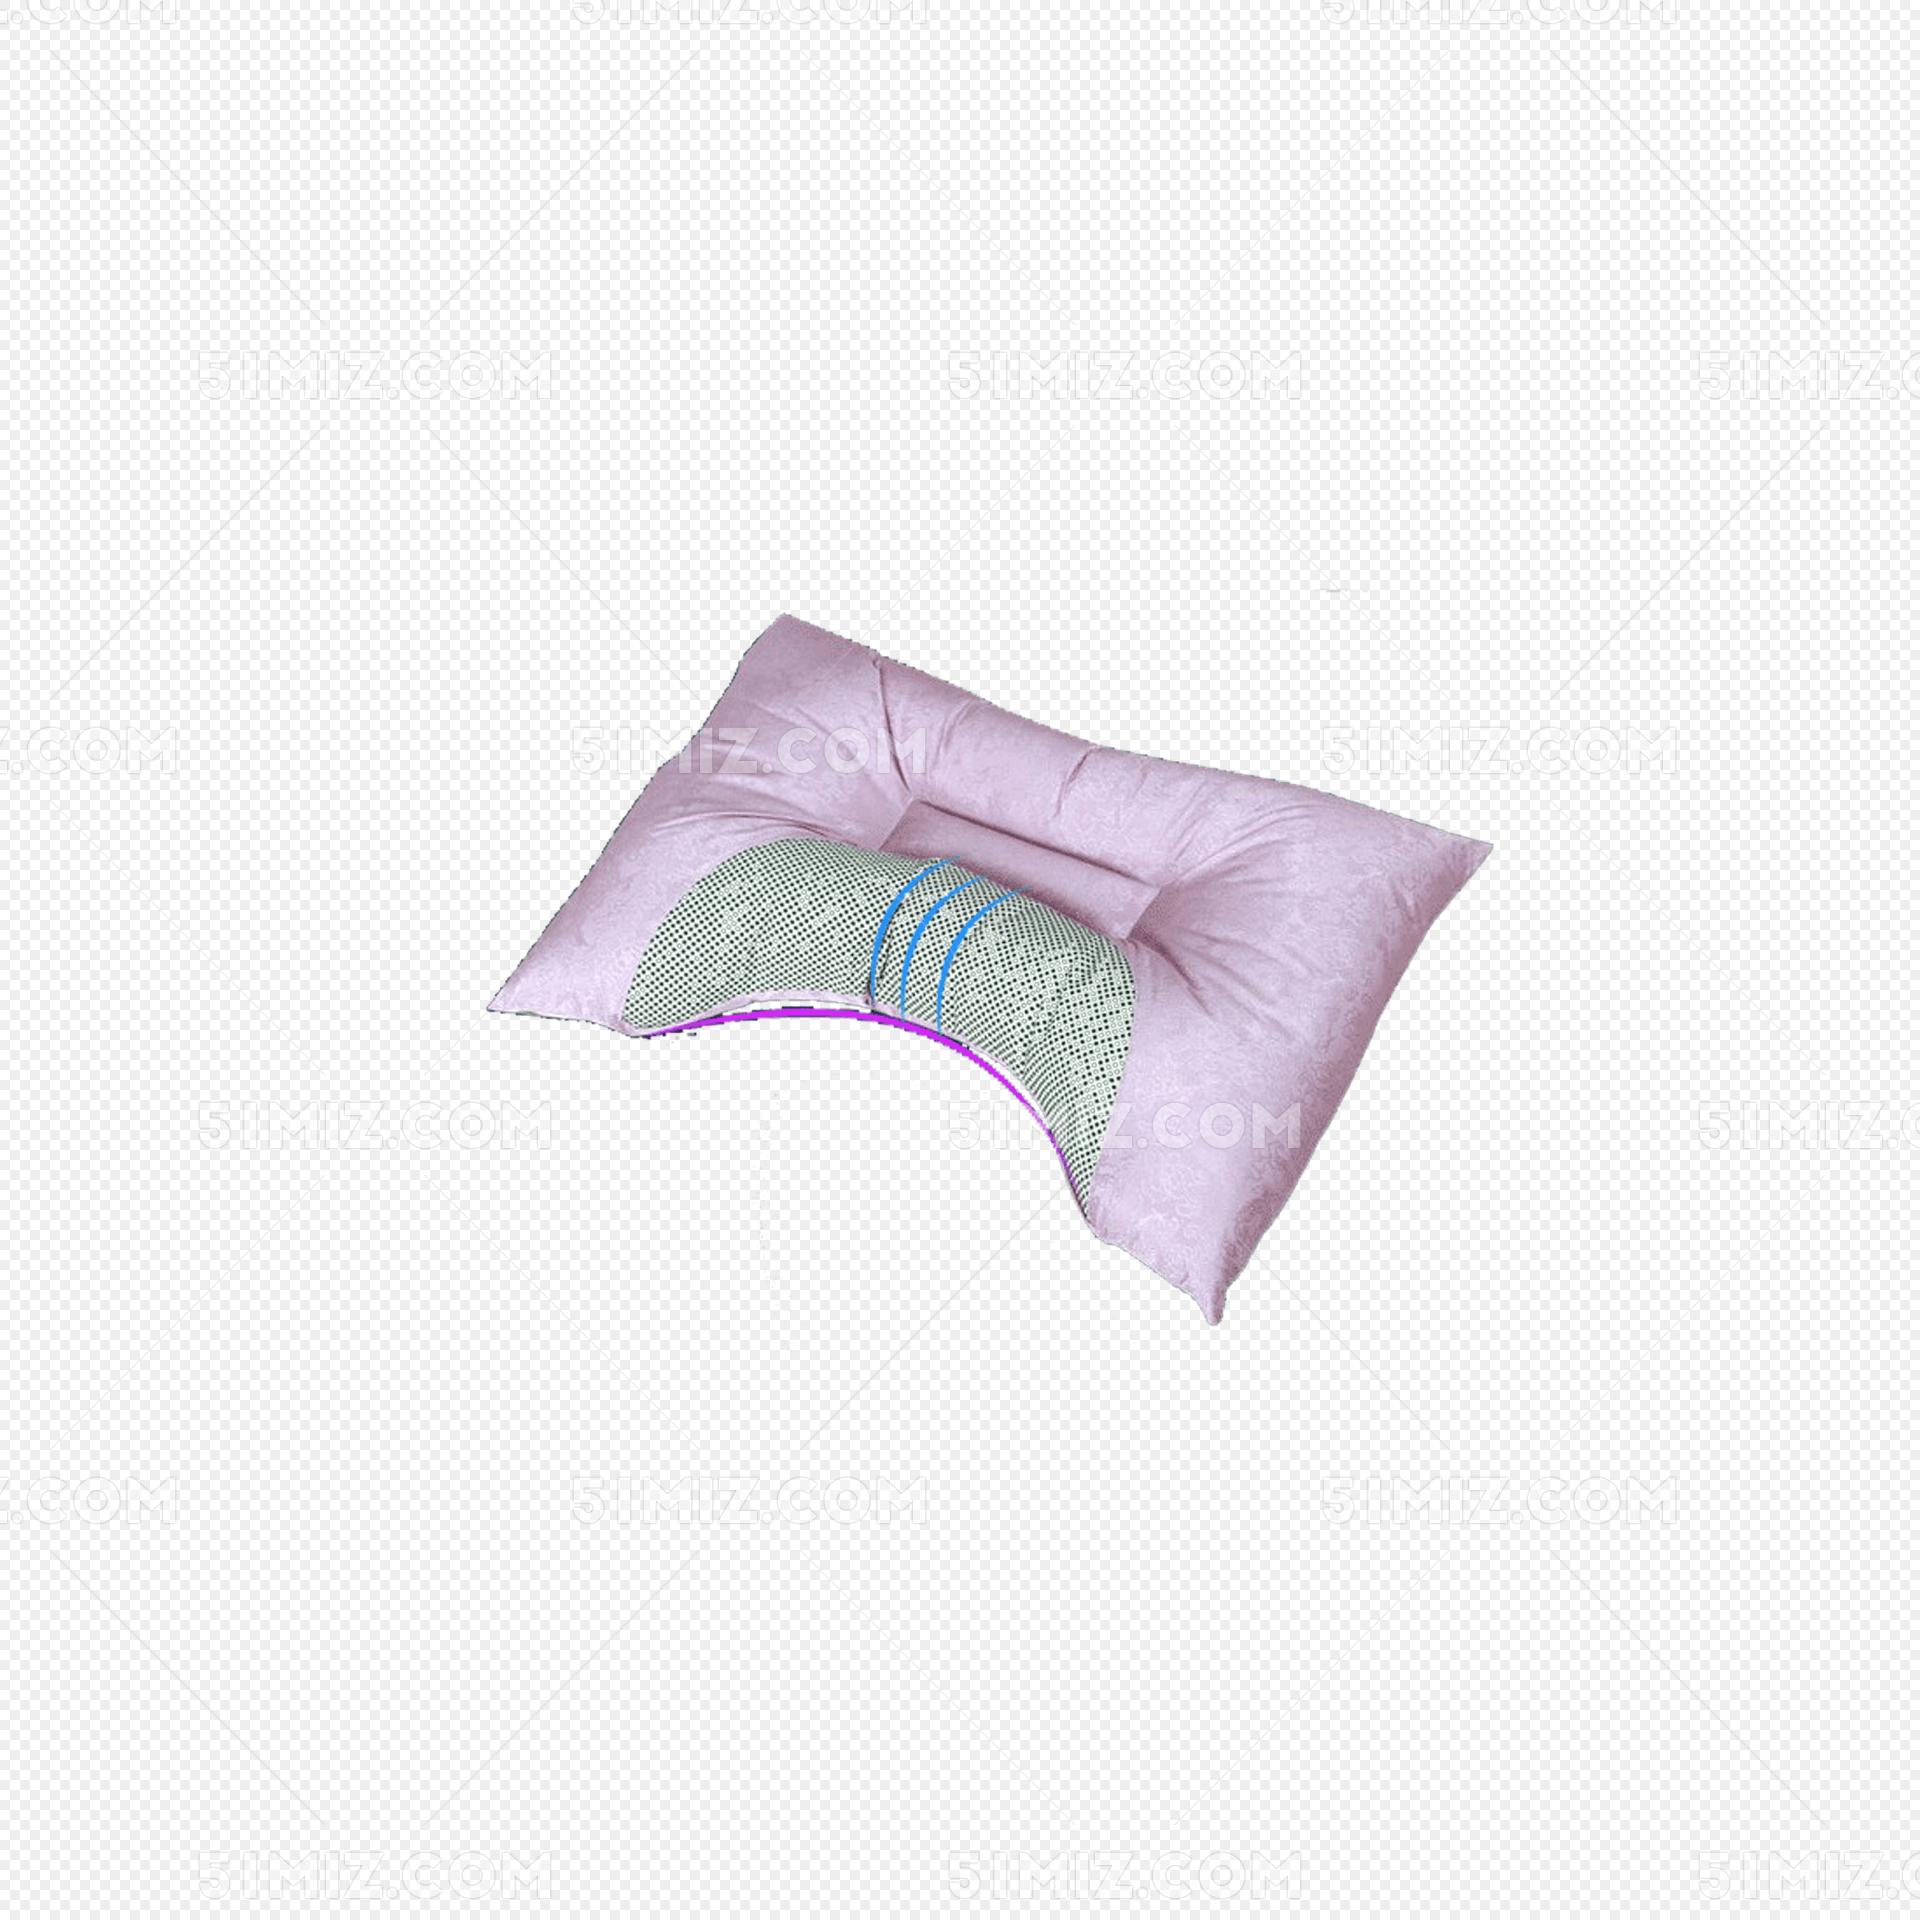 决明子护颈枕免费下载_png素材_觅知网